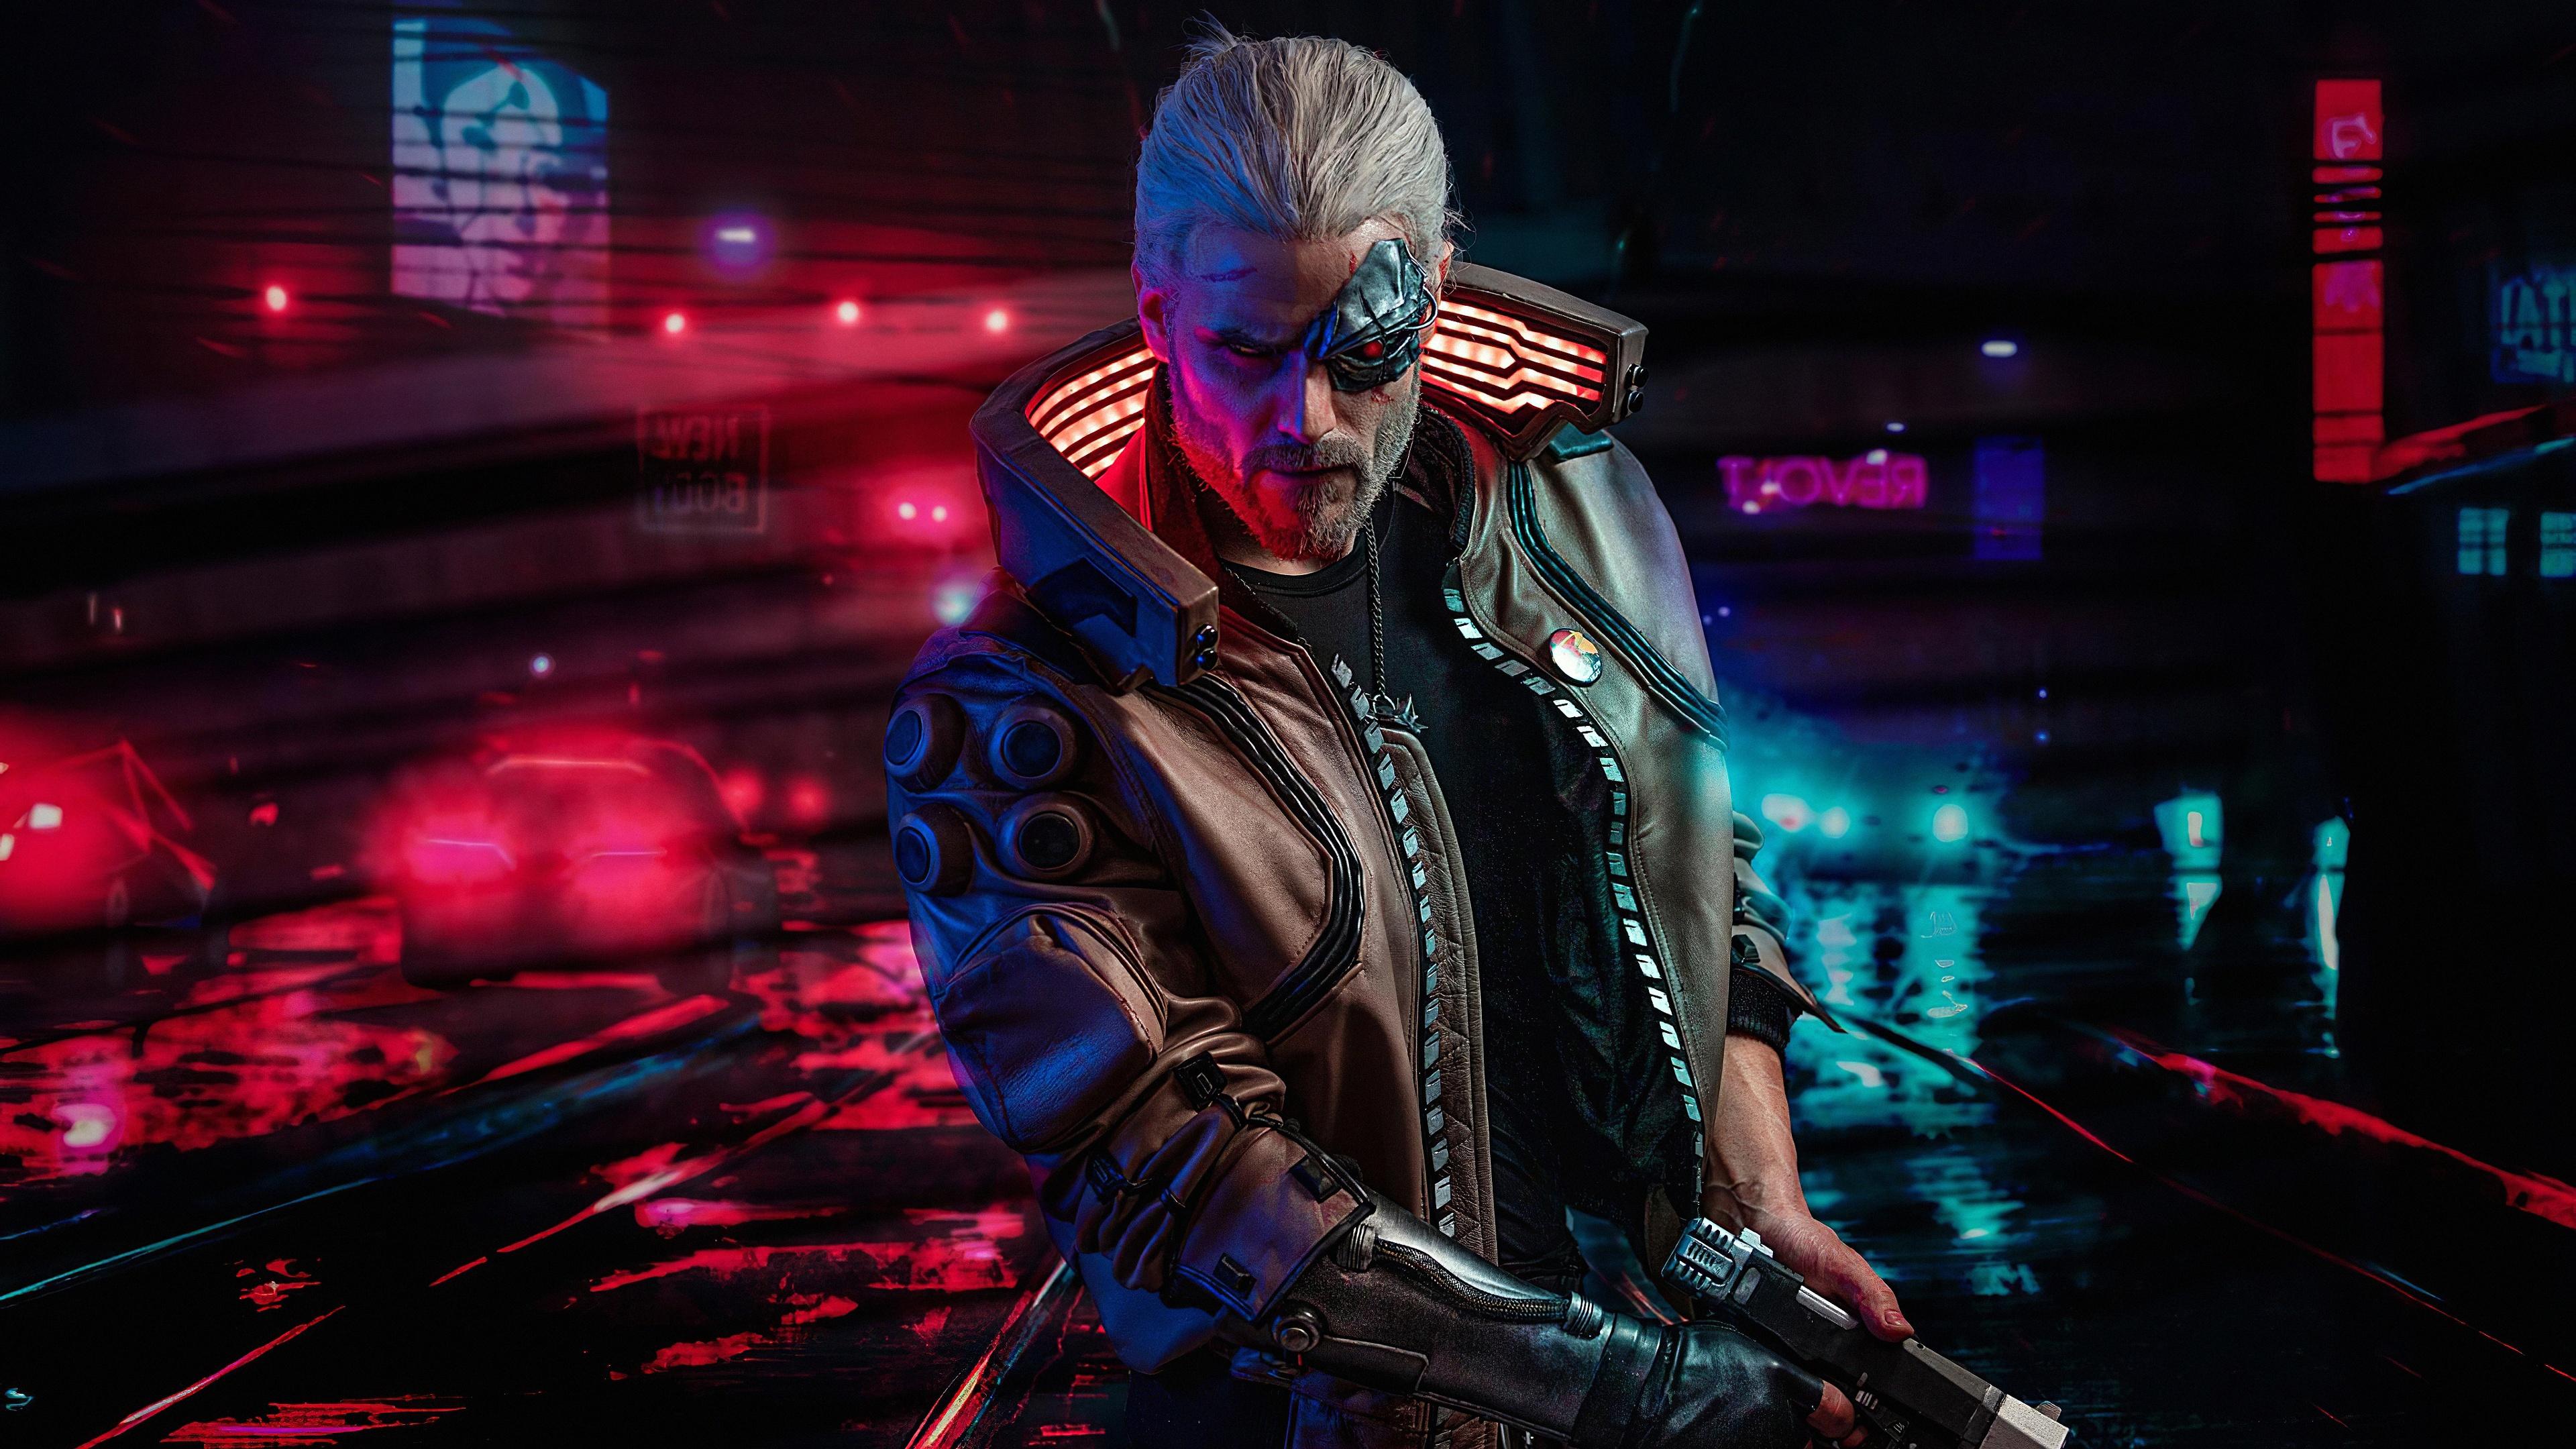 Cyberpunk 2077 4K Wallpaper, Geralt of Rivia, The Witcher, Graphics CGI,  #1583